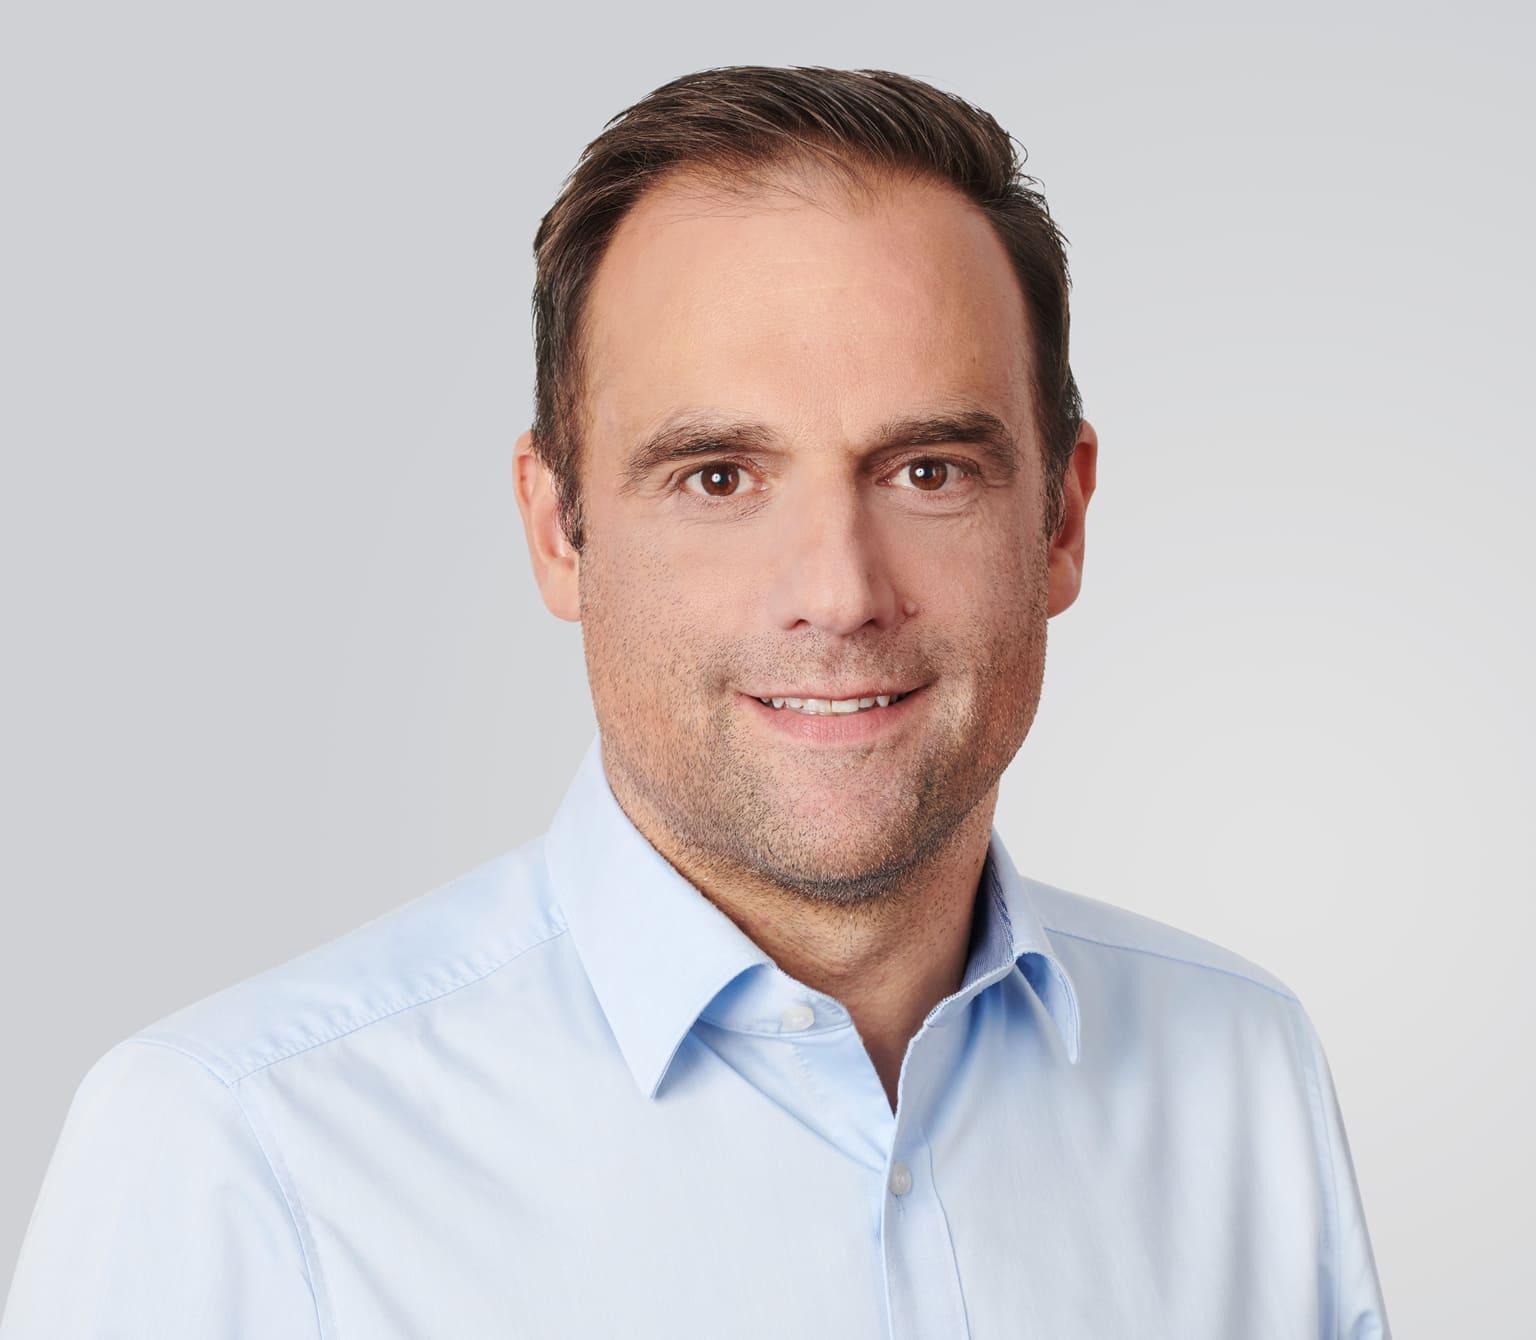 Bernhard Münster zu den Auswirkungen von Corona